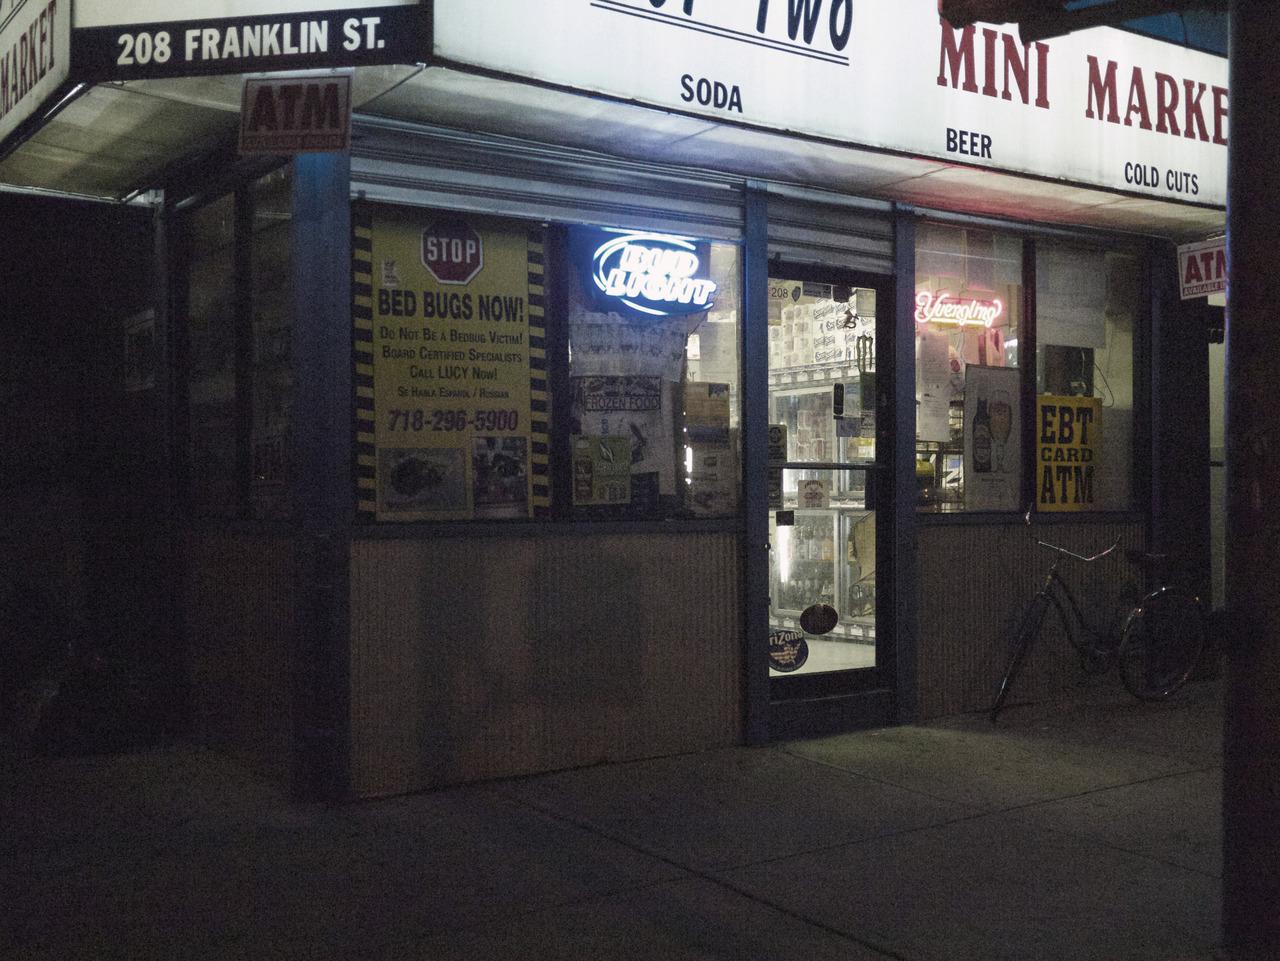 coldest coors light on franklin.